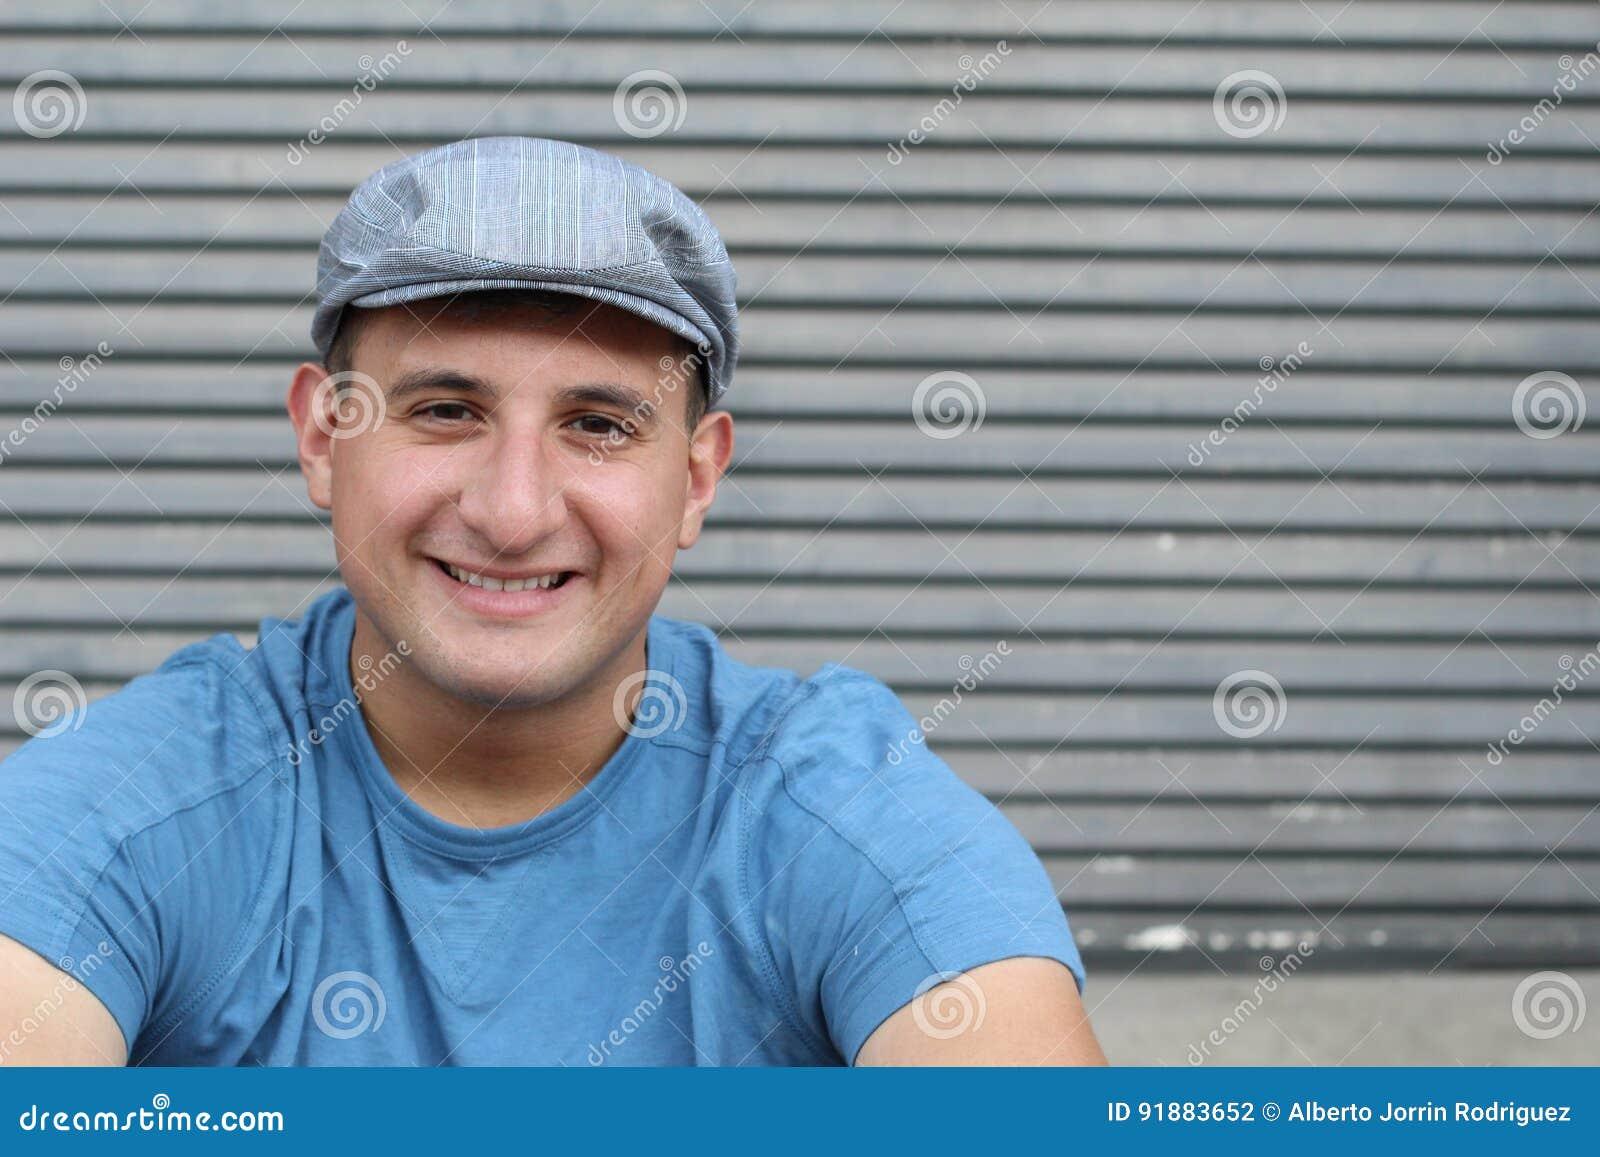 Hoogst gedetailleerd fijn kunstportret glimlachende gelukkige echte persoon met ruimte voor exemplaar